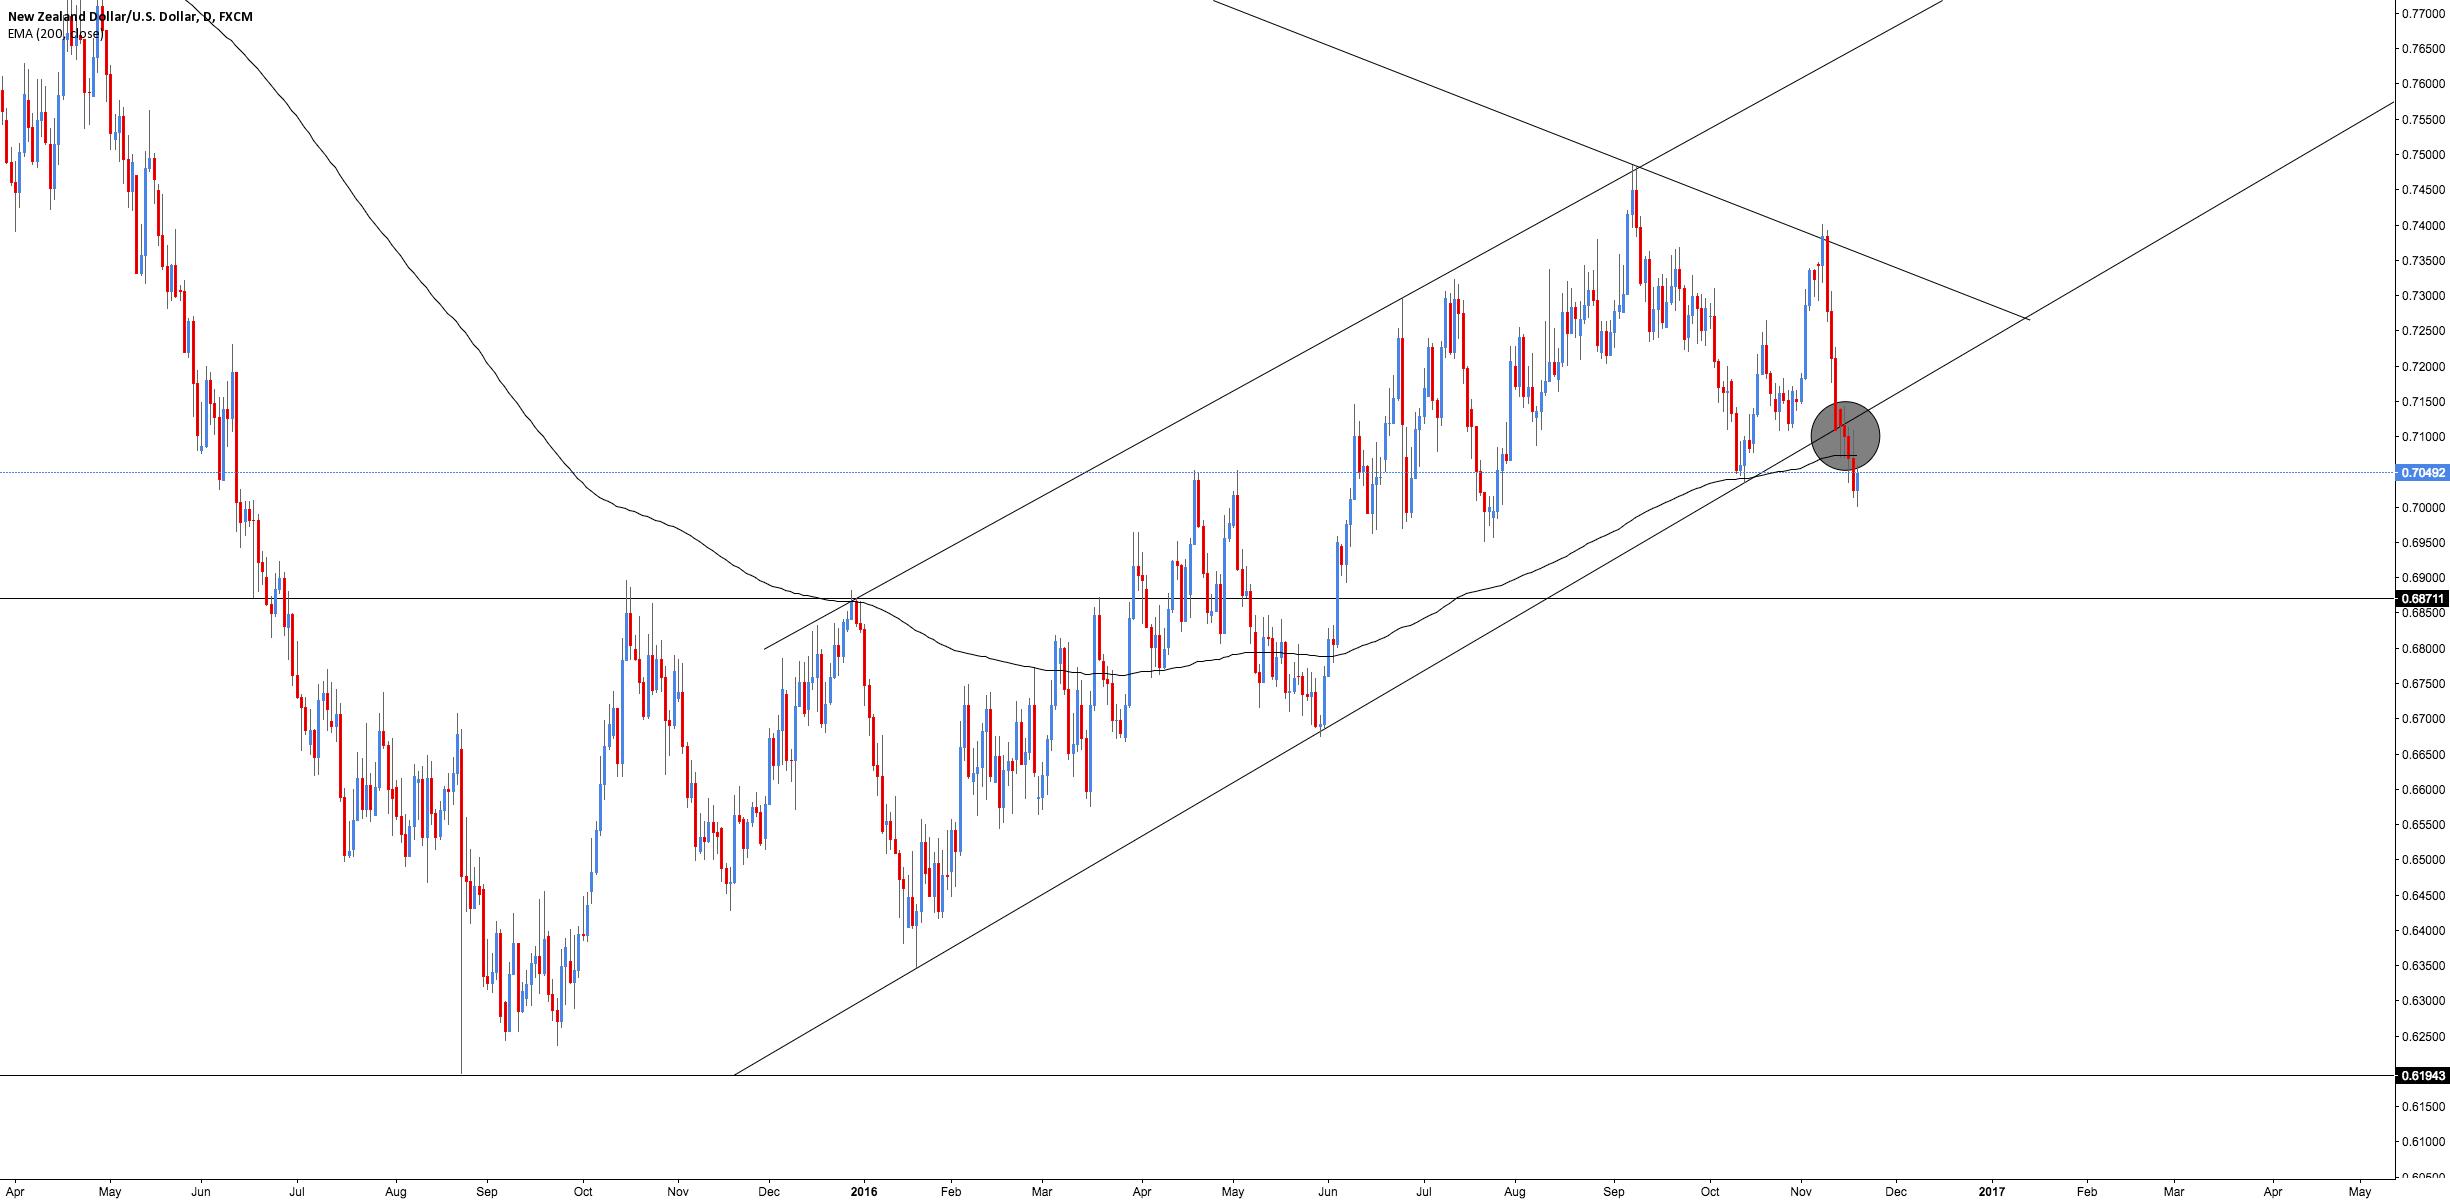 NZD/USD - Breakout